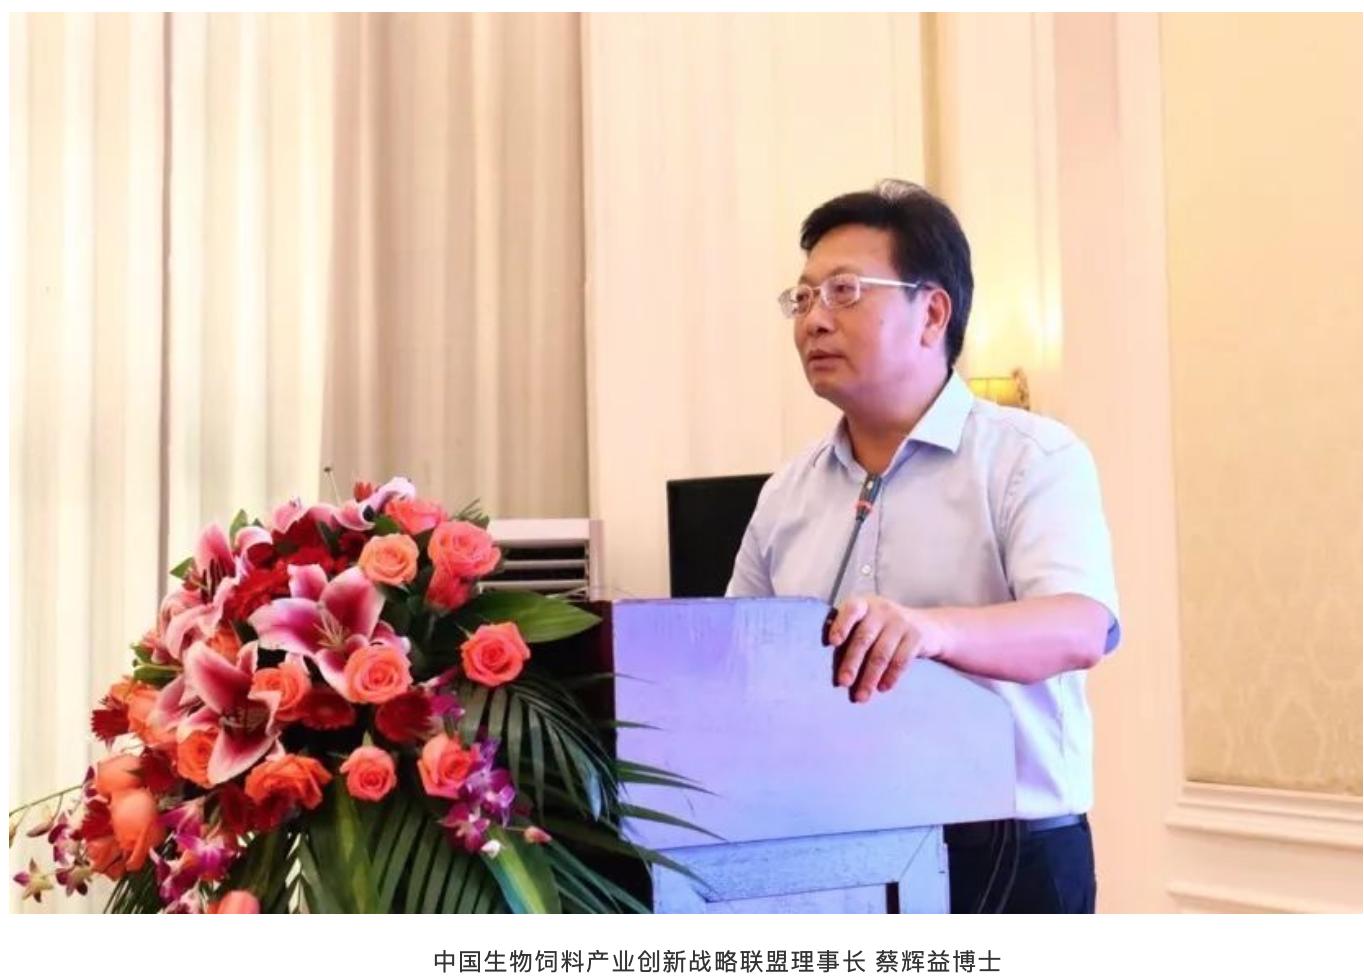 焦点会议 | 挑战与机遇同在 ——中国生物饲料产业创新战略联盟2019年会在广州召开